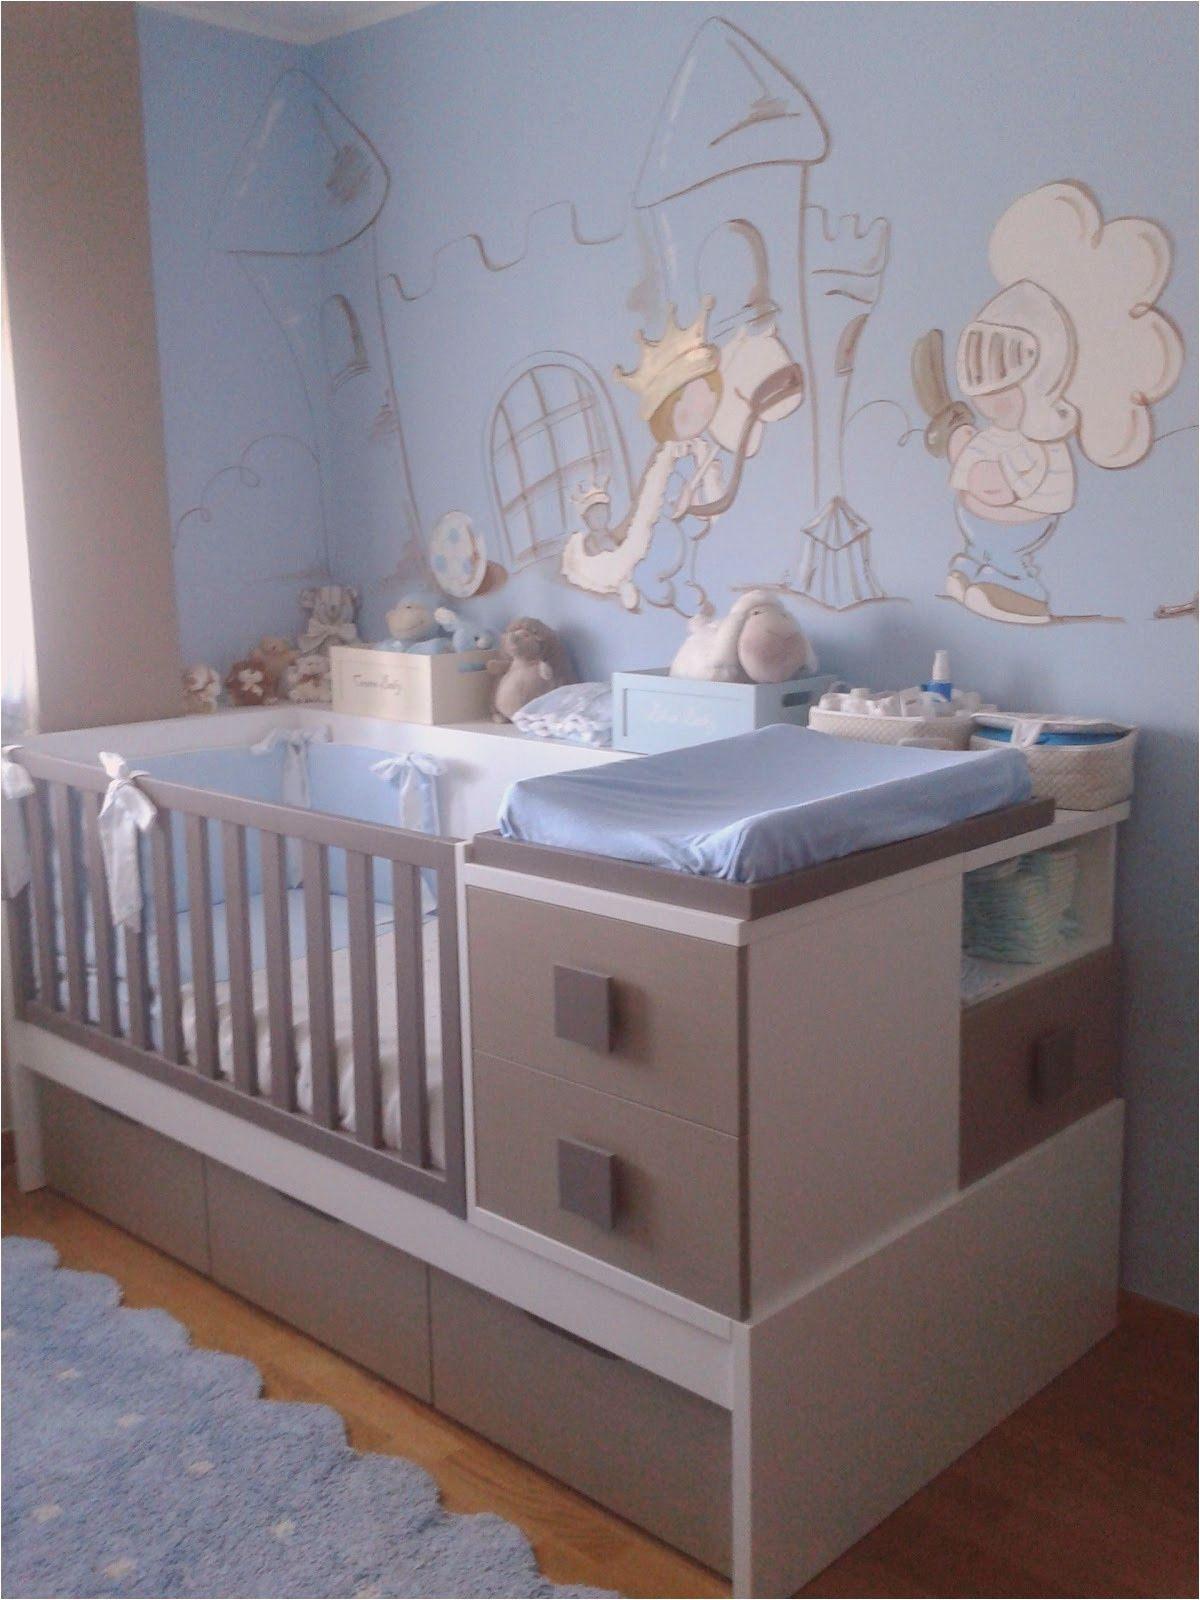 lit bebe gris inspirant luxury deco chambre bebe bleu de lit bebe gris